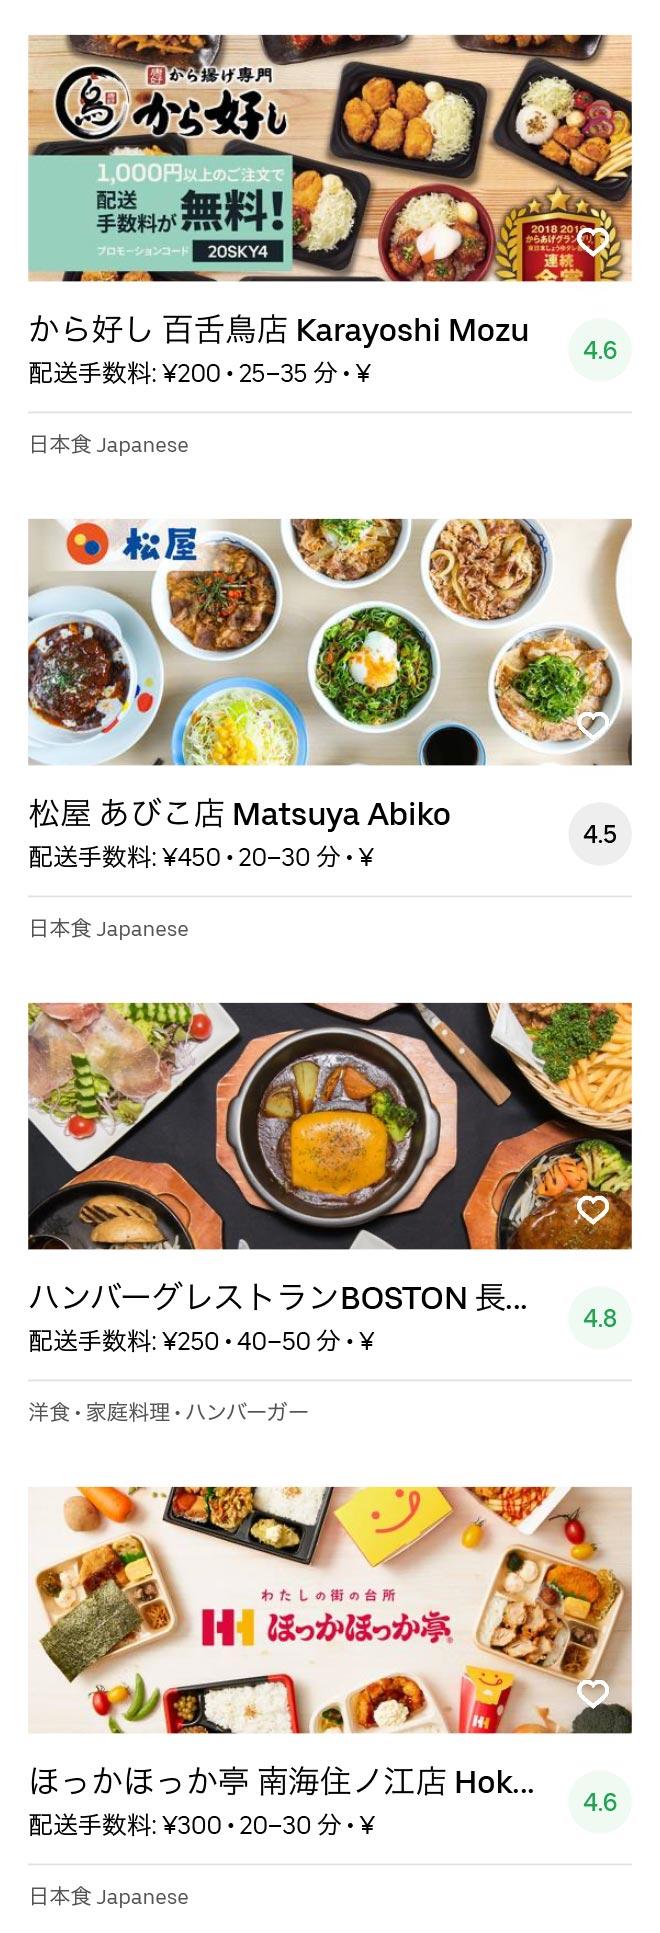 Sakai sakai higashi menu 2005 05